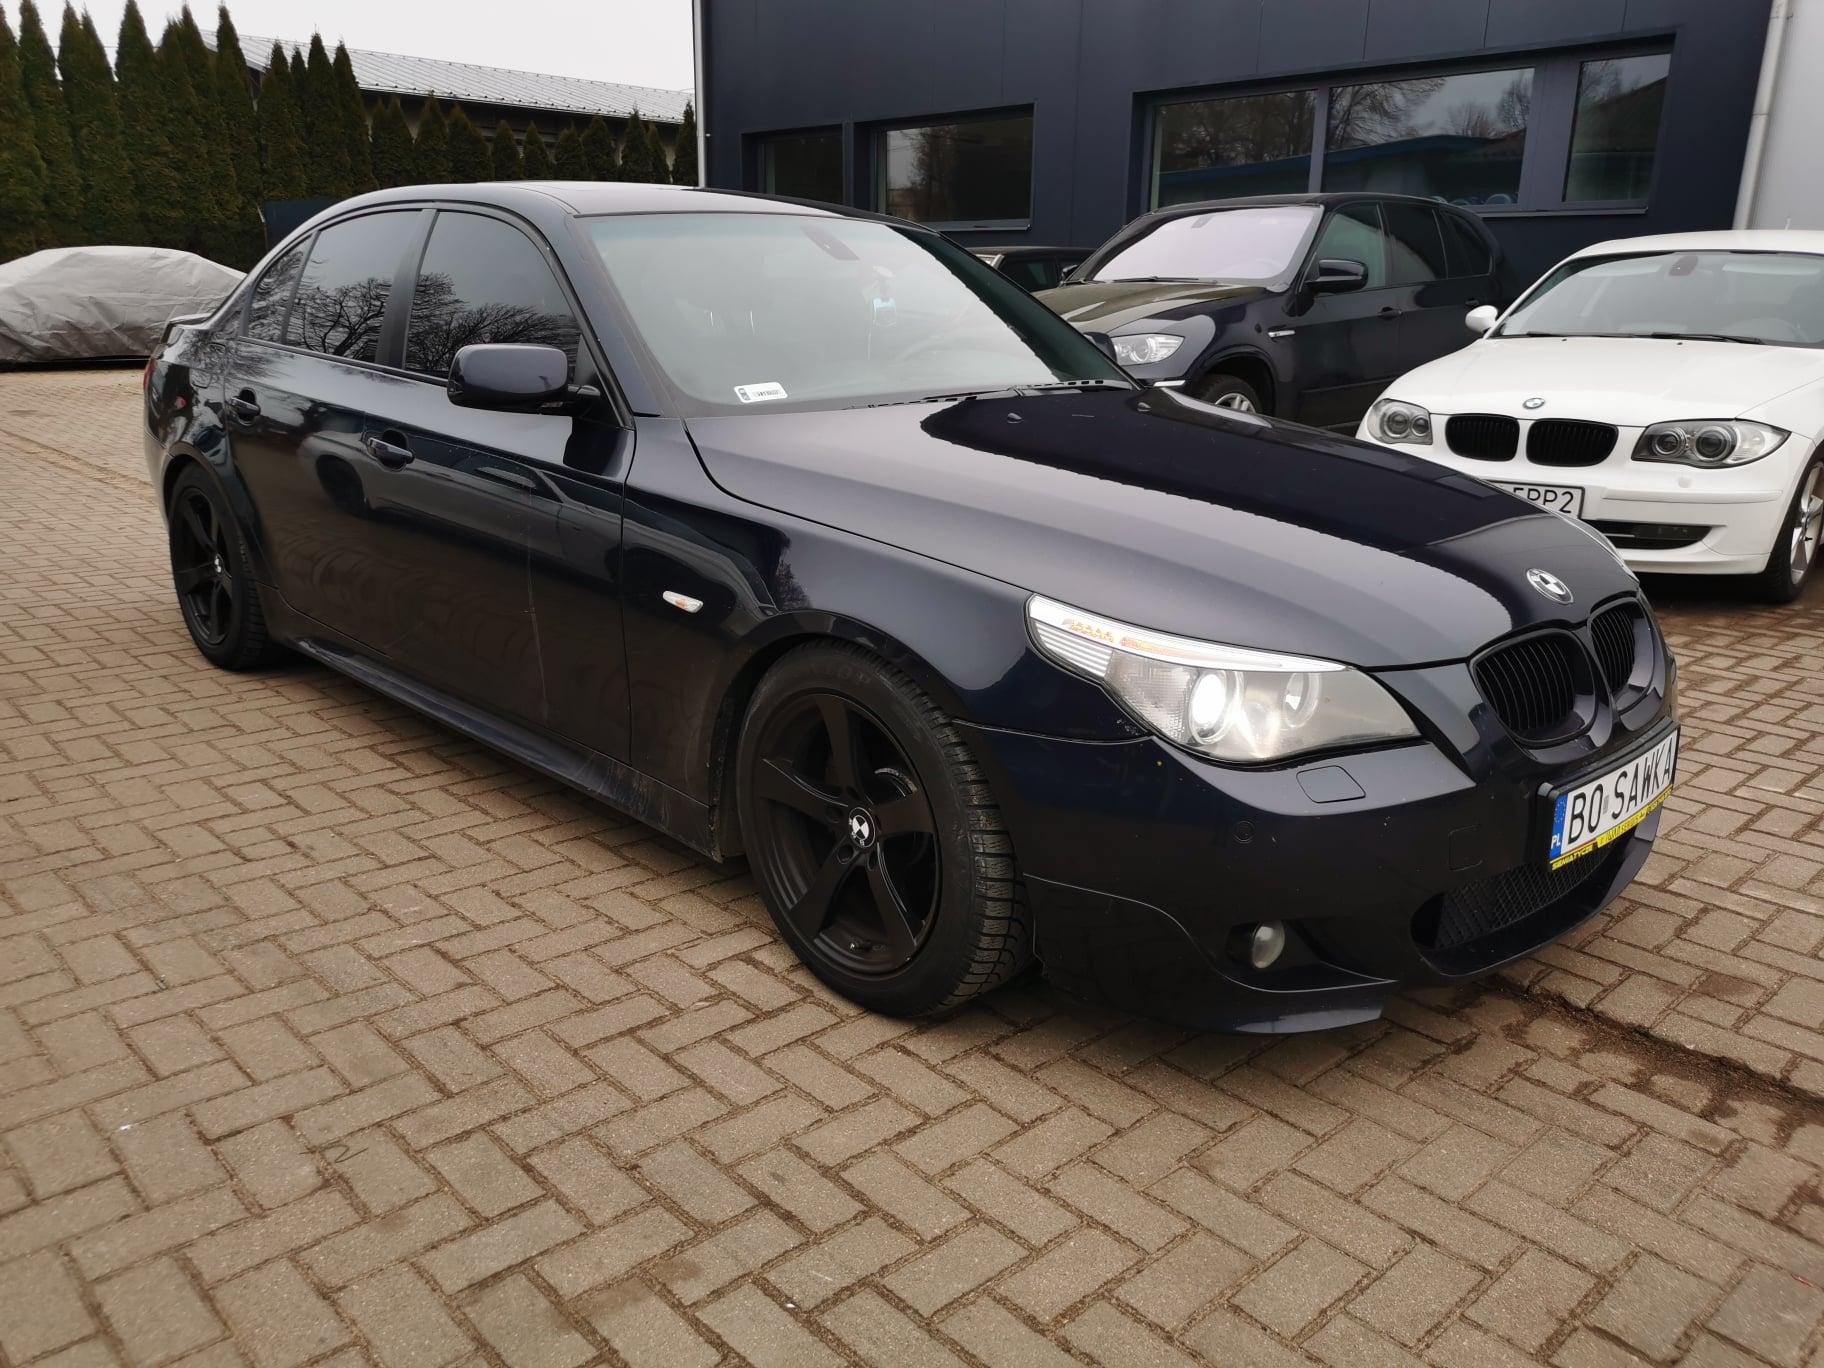 BMW E60 535D 272KM >> 433KM 806Nm